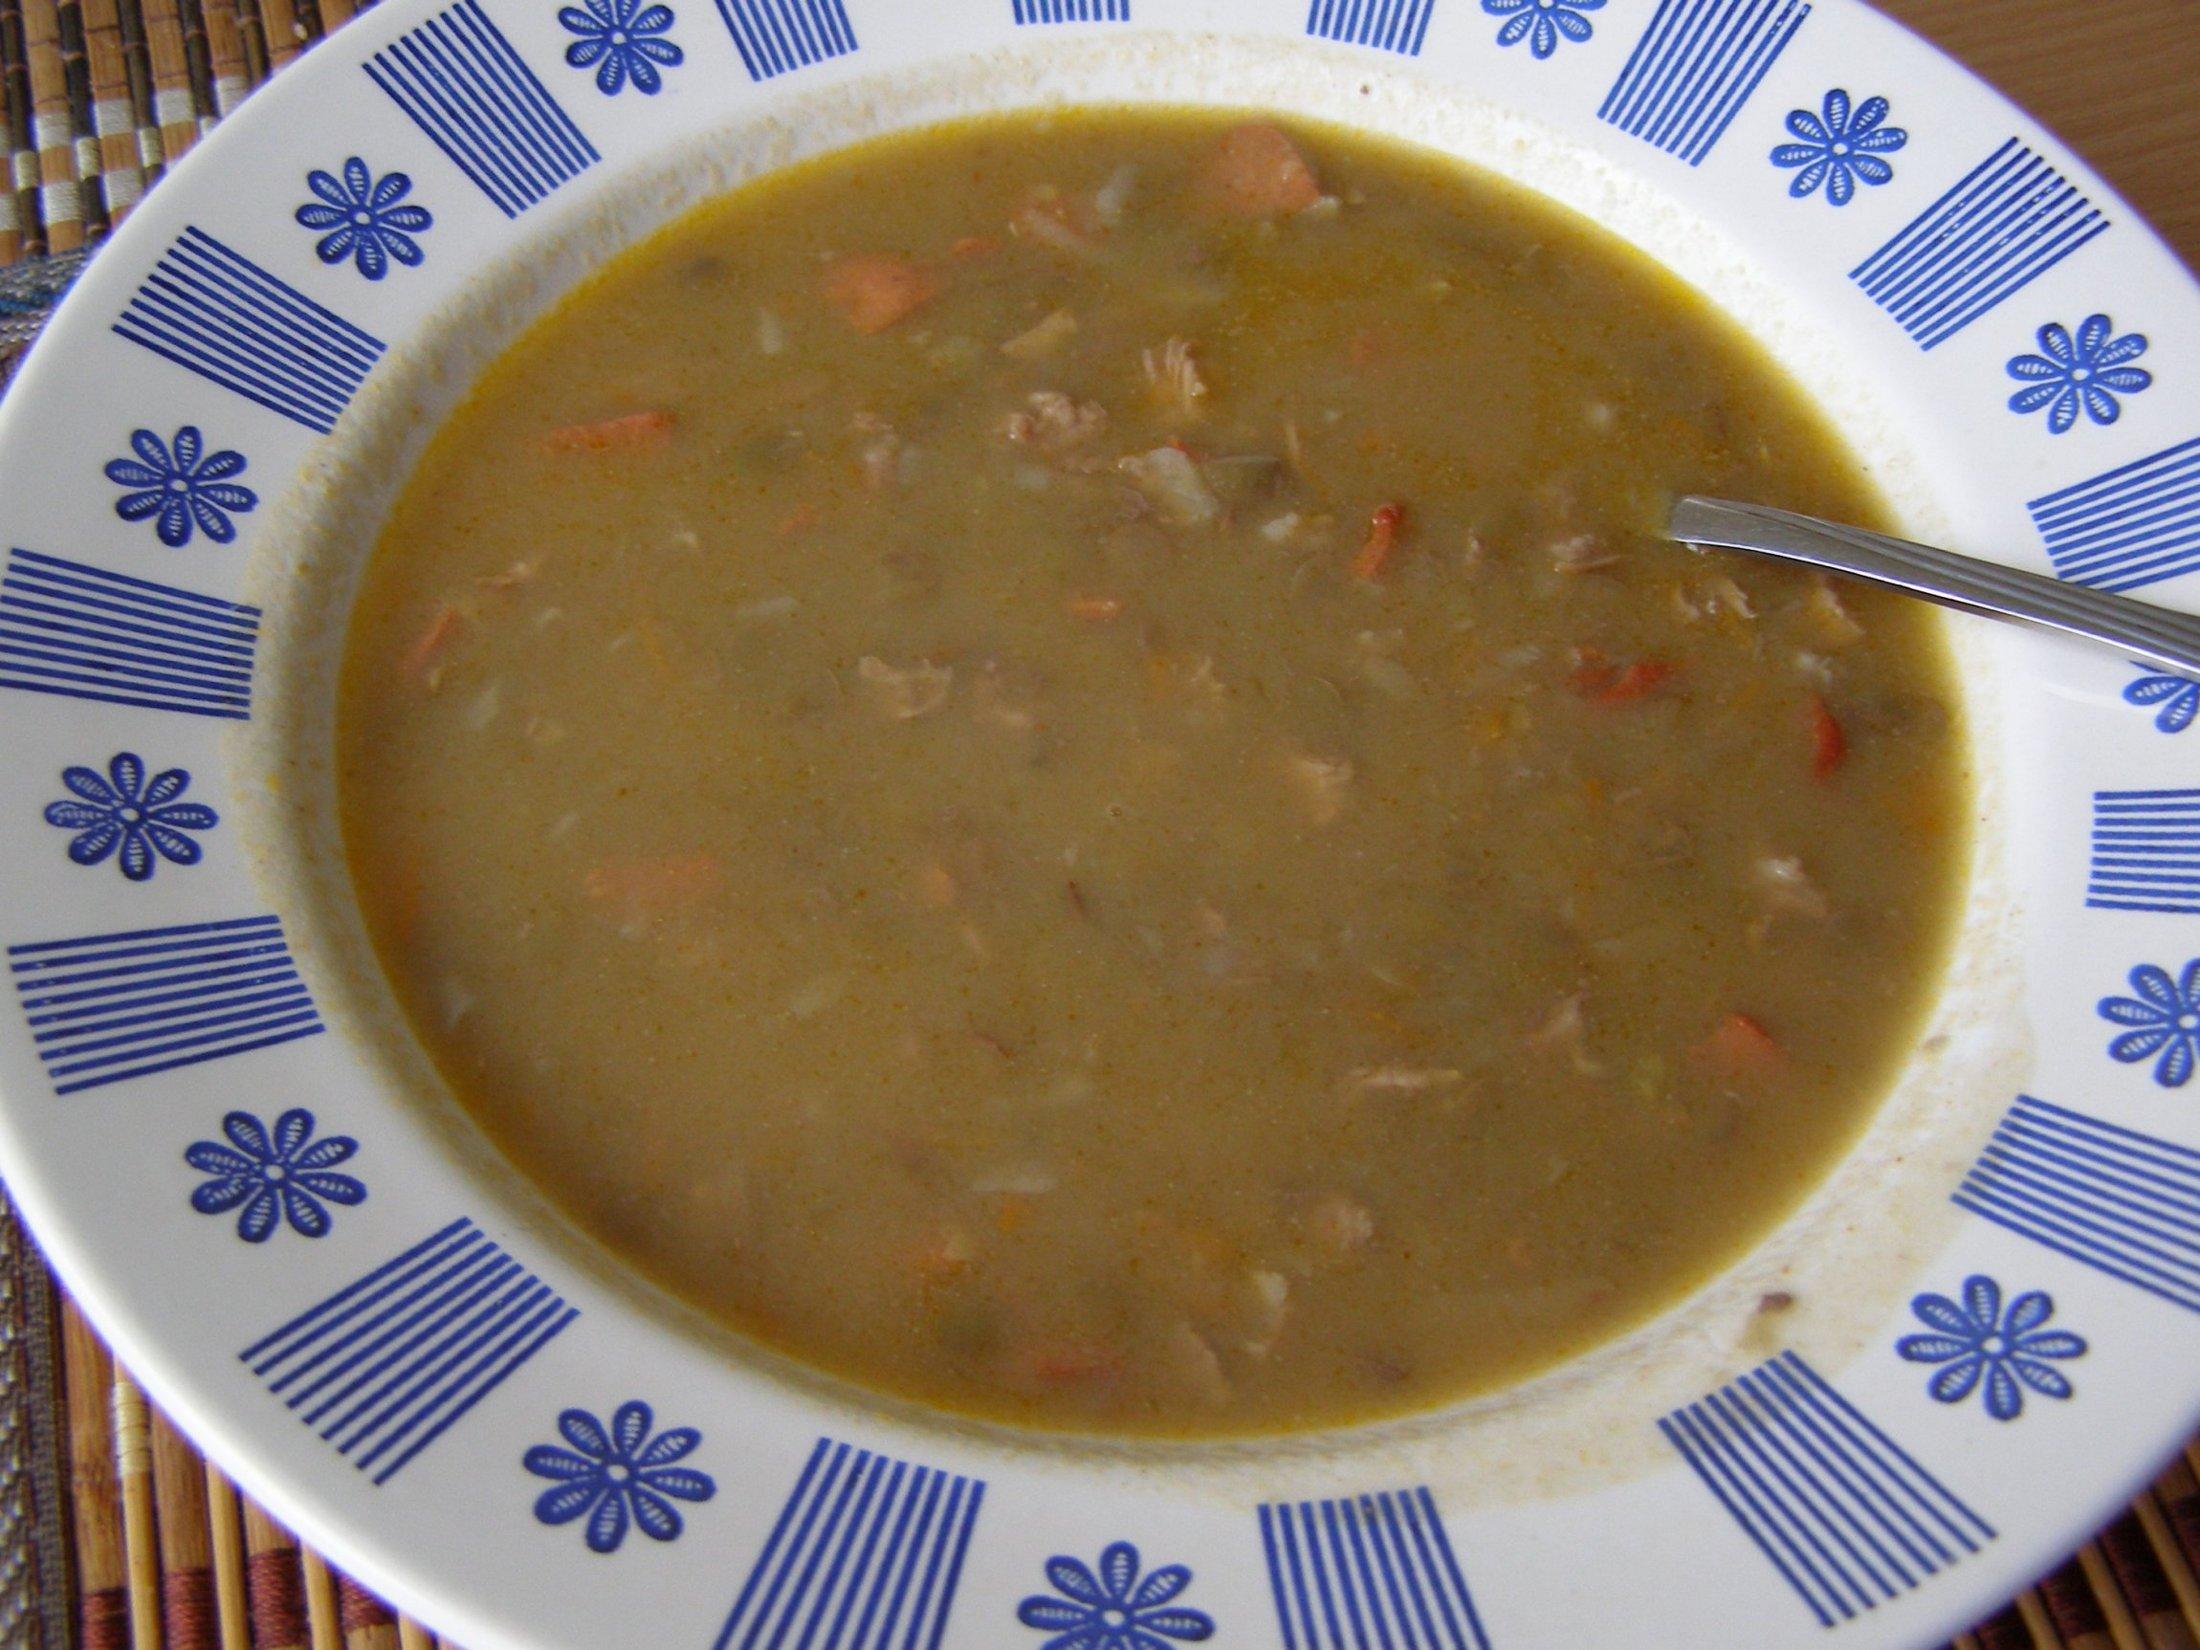 Recept Čočková polévka - Čočková polévka byla vynikající. Přidala jsem i kousek klobásy.